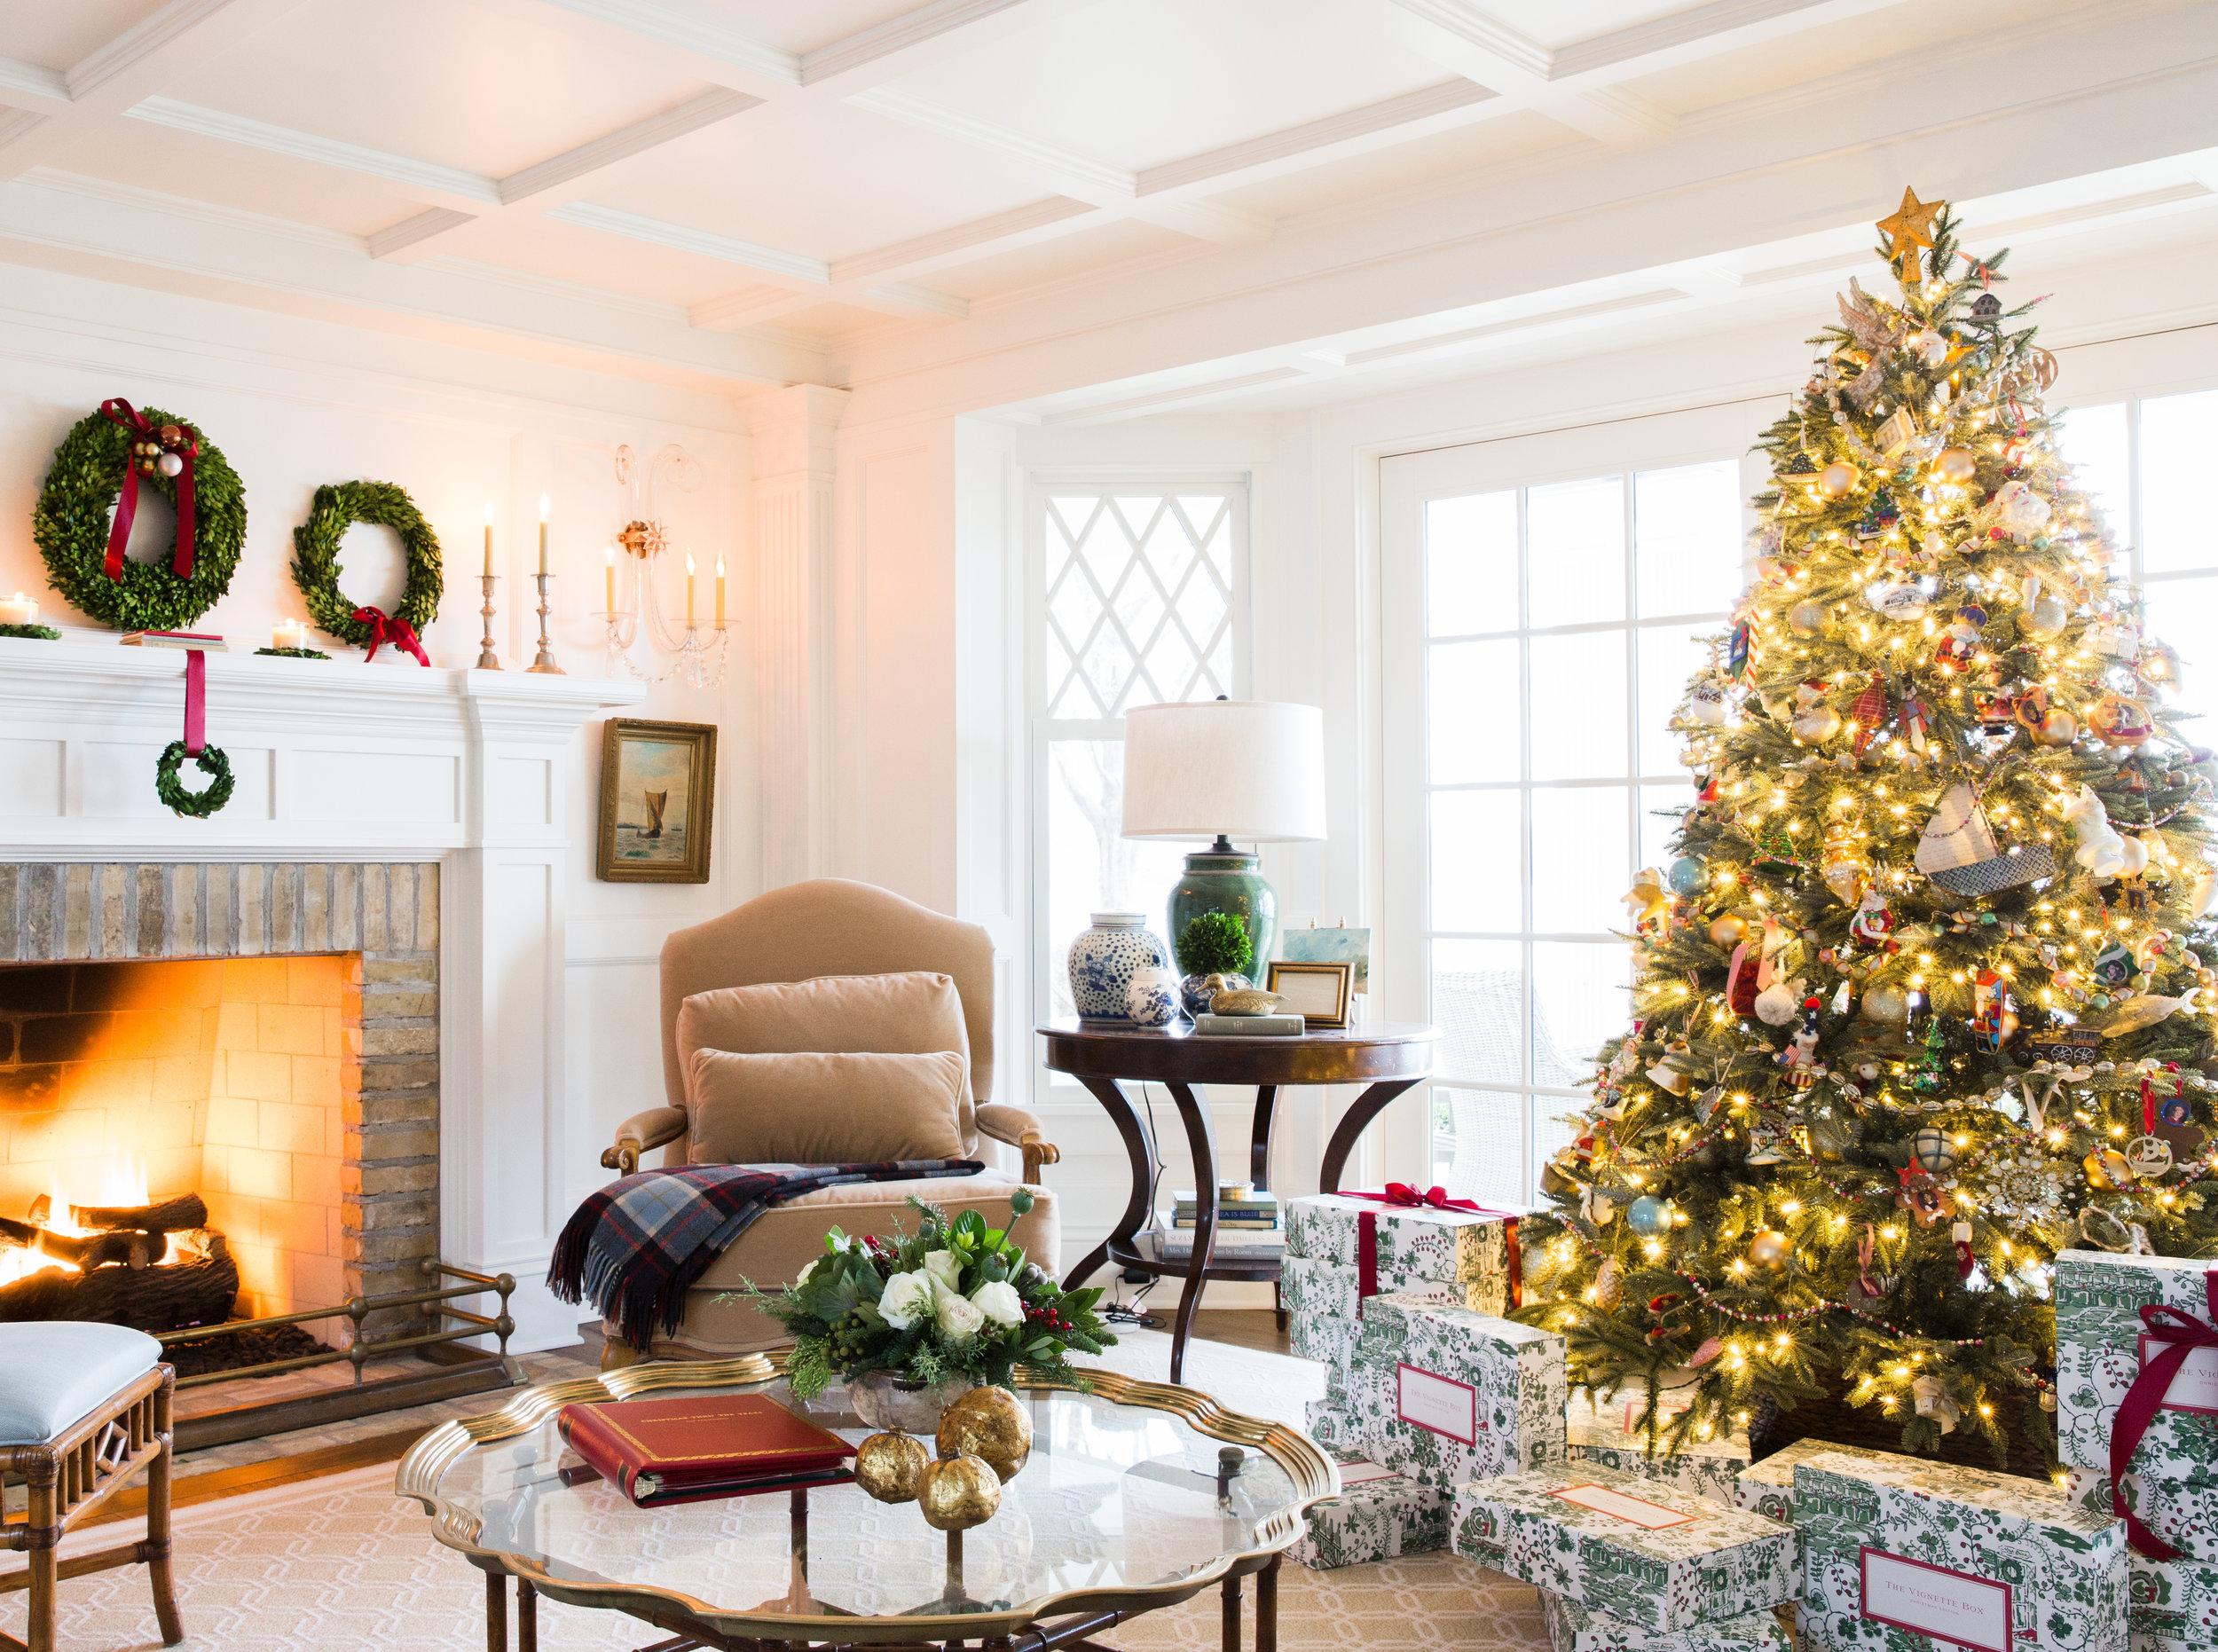 171116_VignetteBox_Christmas-48.jpg